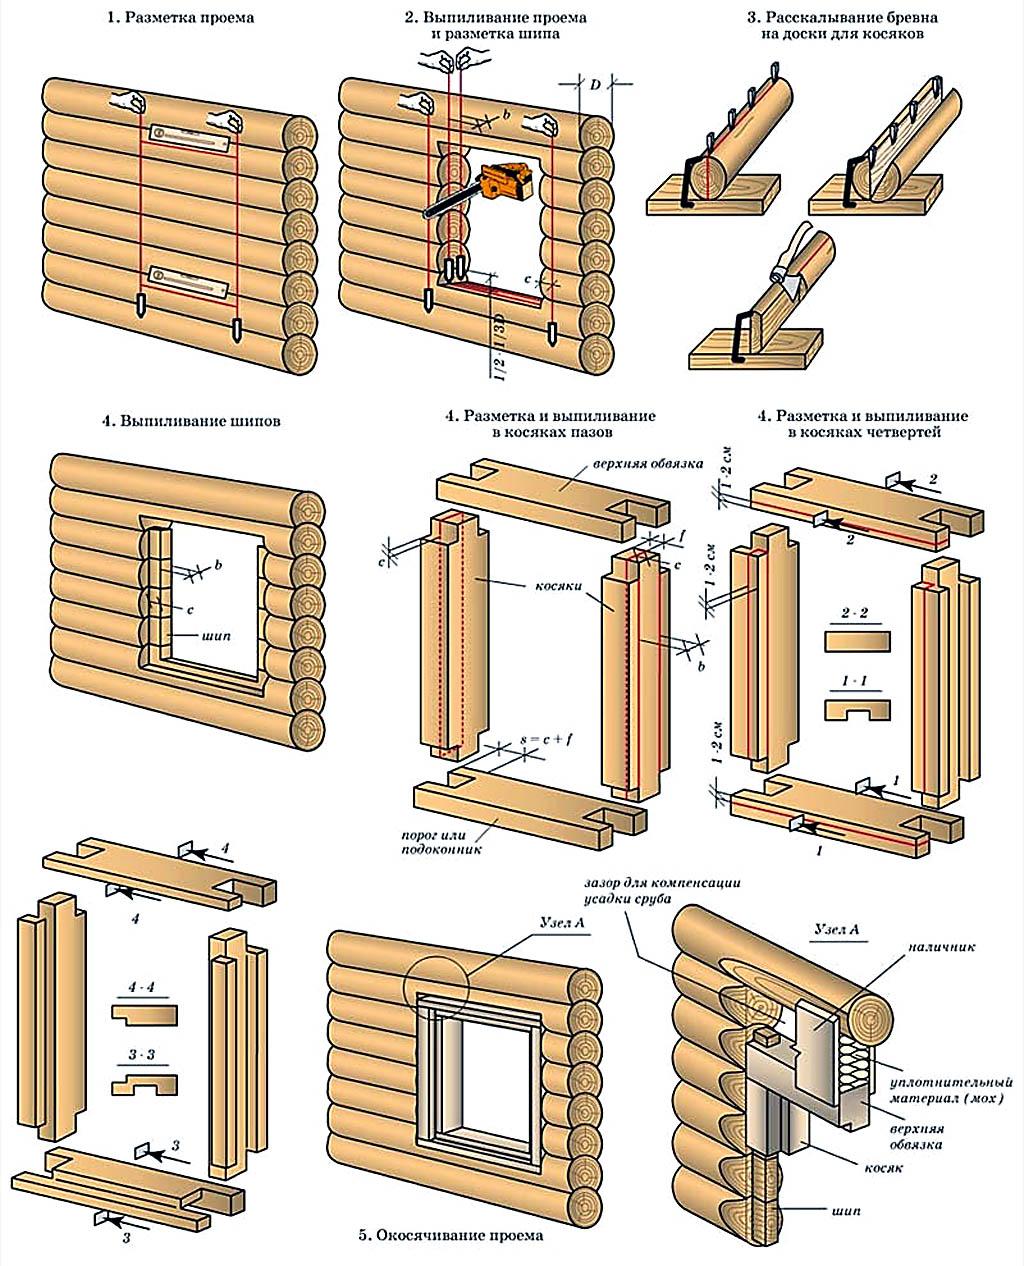 Установка дверей в бане, в том числе из сруба или бруса, инструкция как установить дверь из дерева, стекла, железа